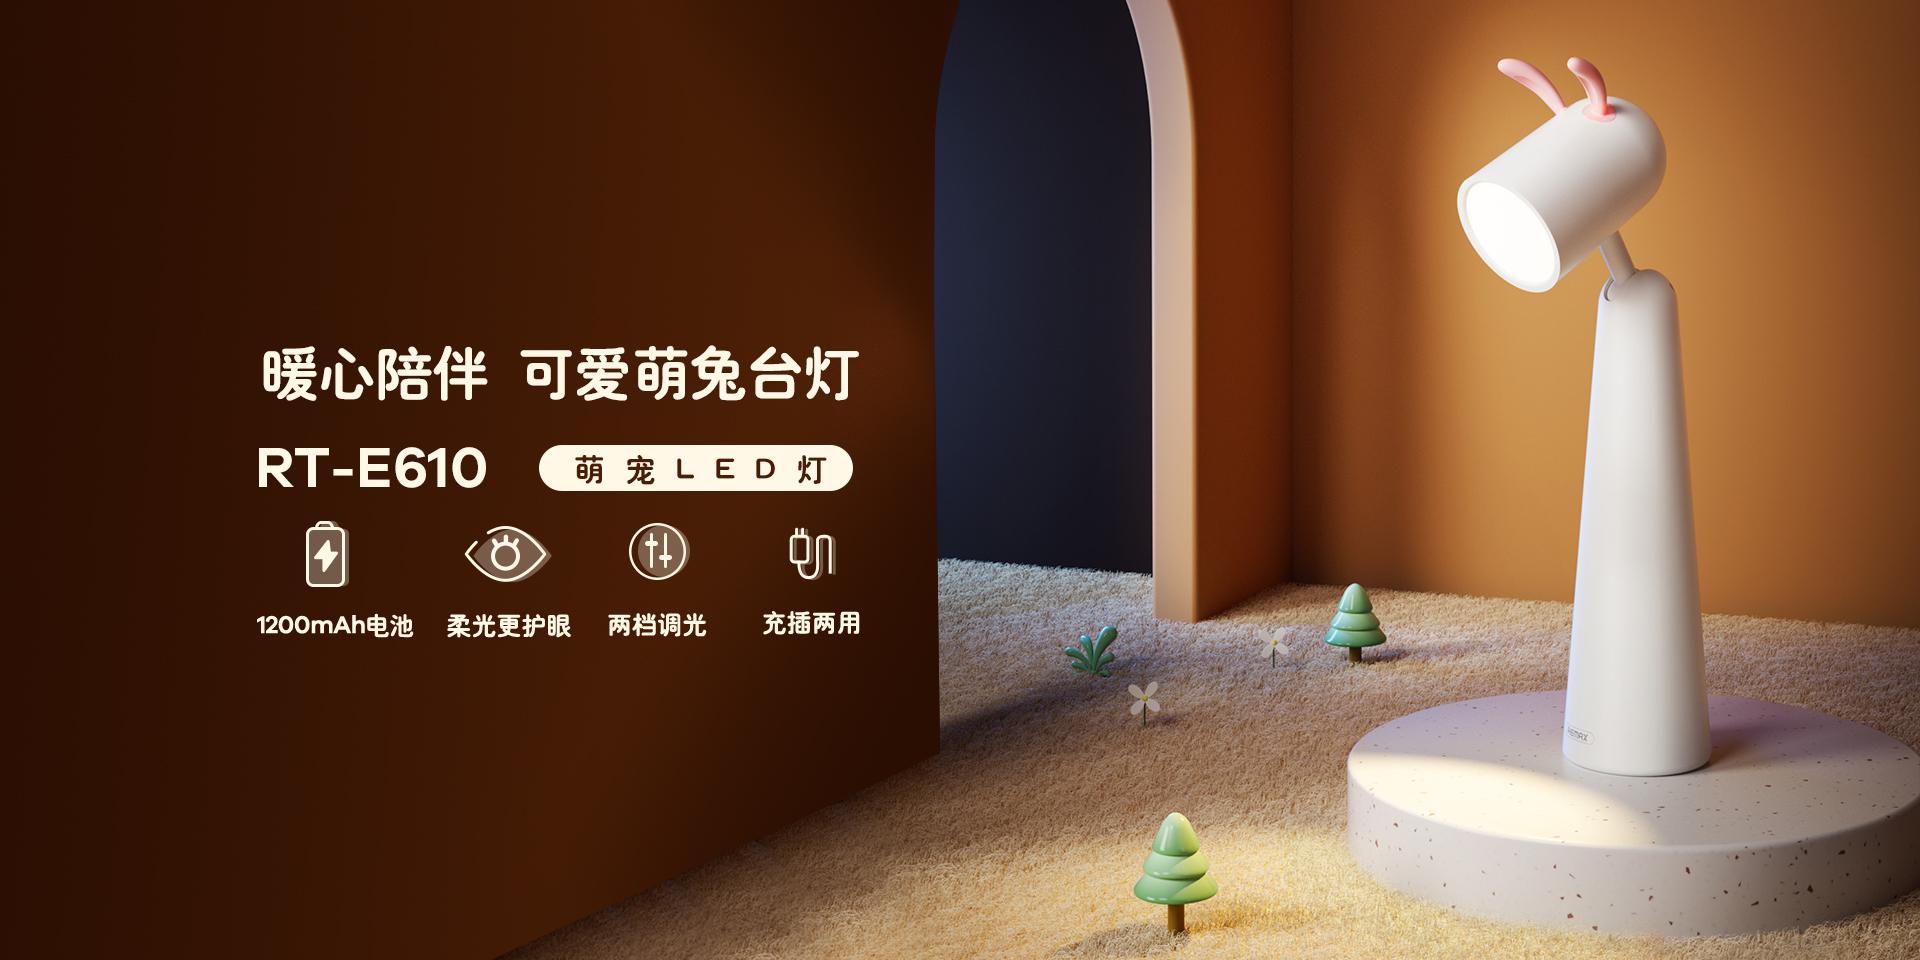 RT-E610-萌宠LED灯-网页_01